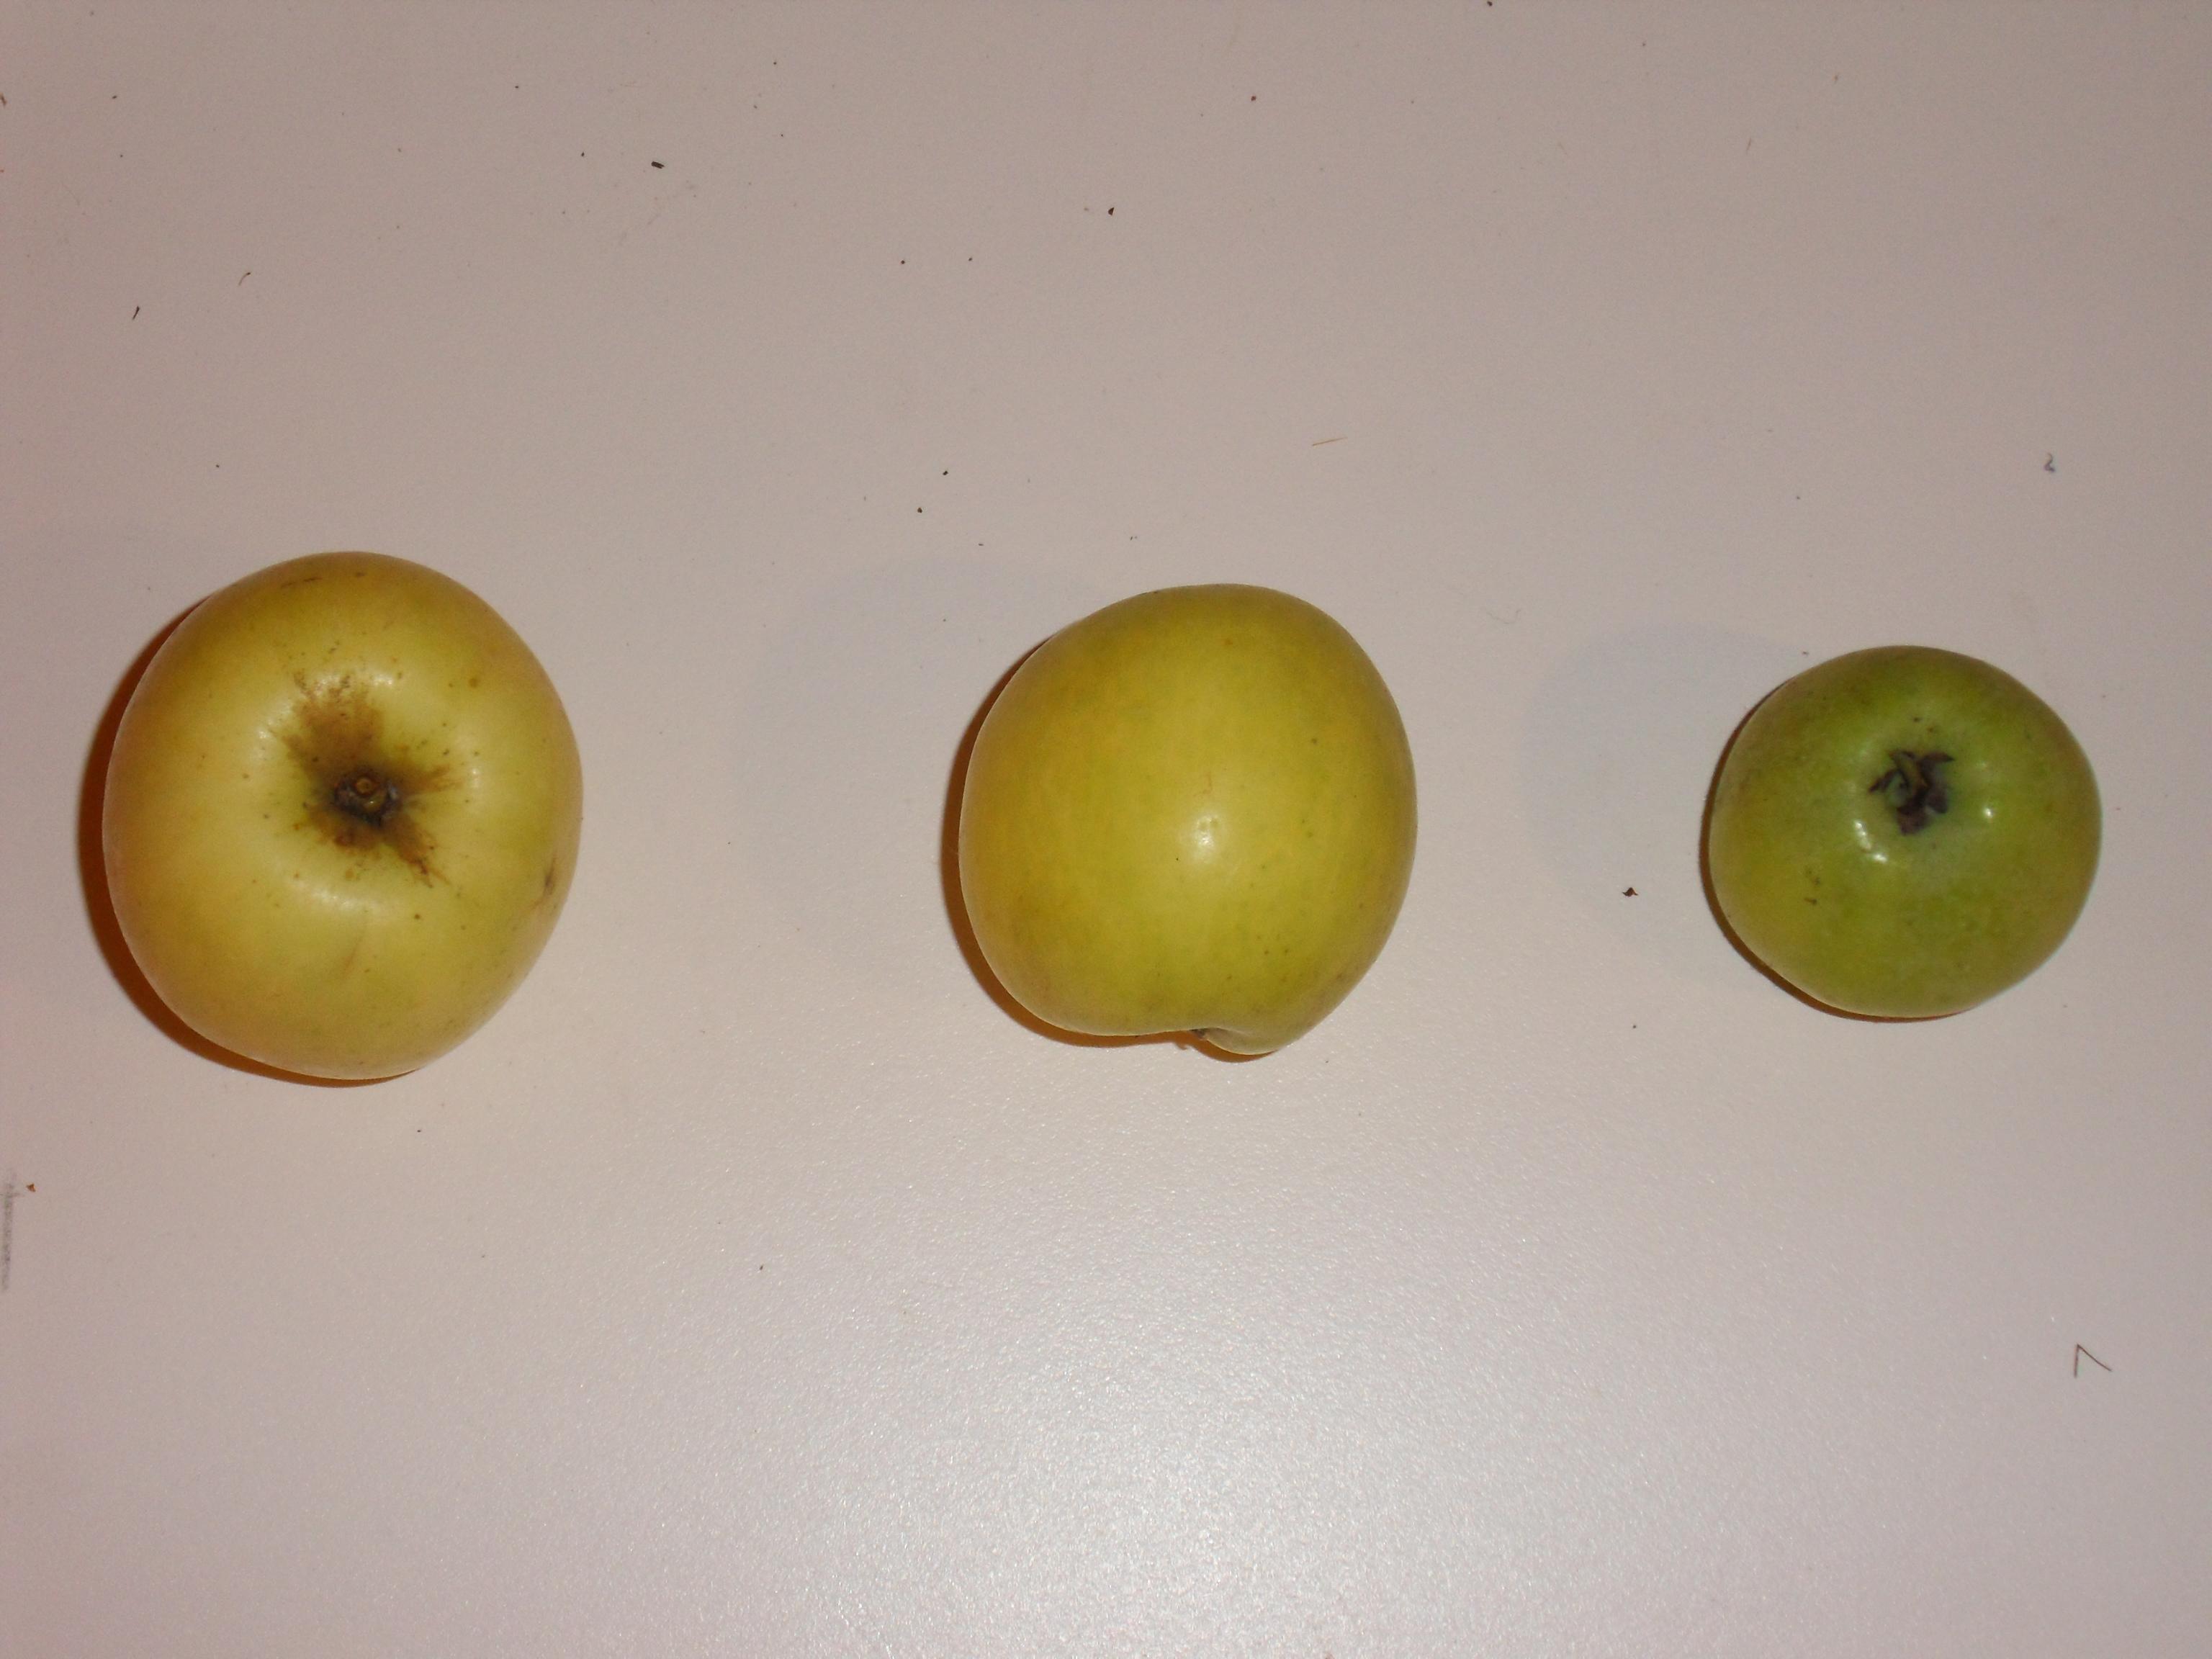 Gravenstein jaune (fruit).